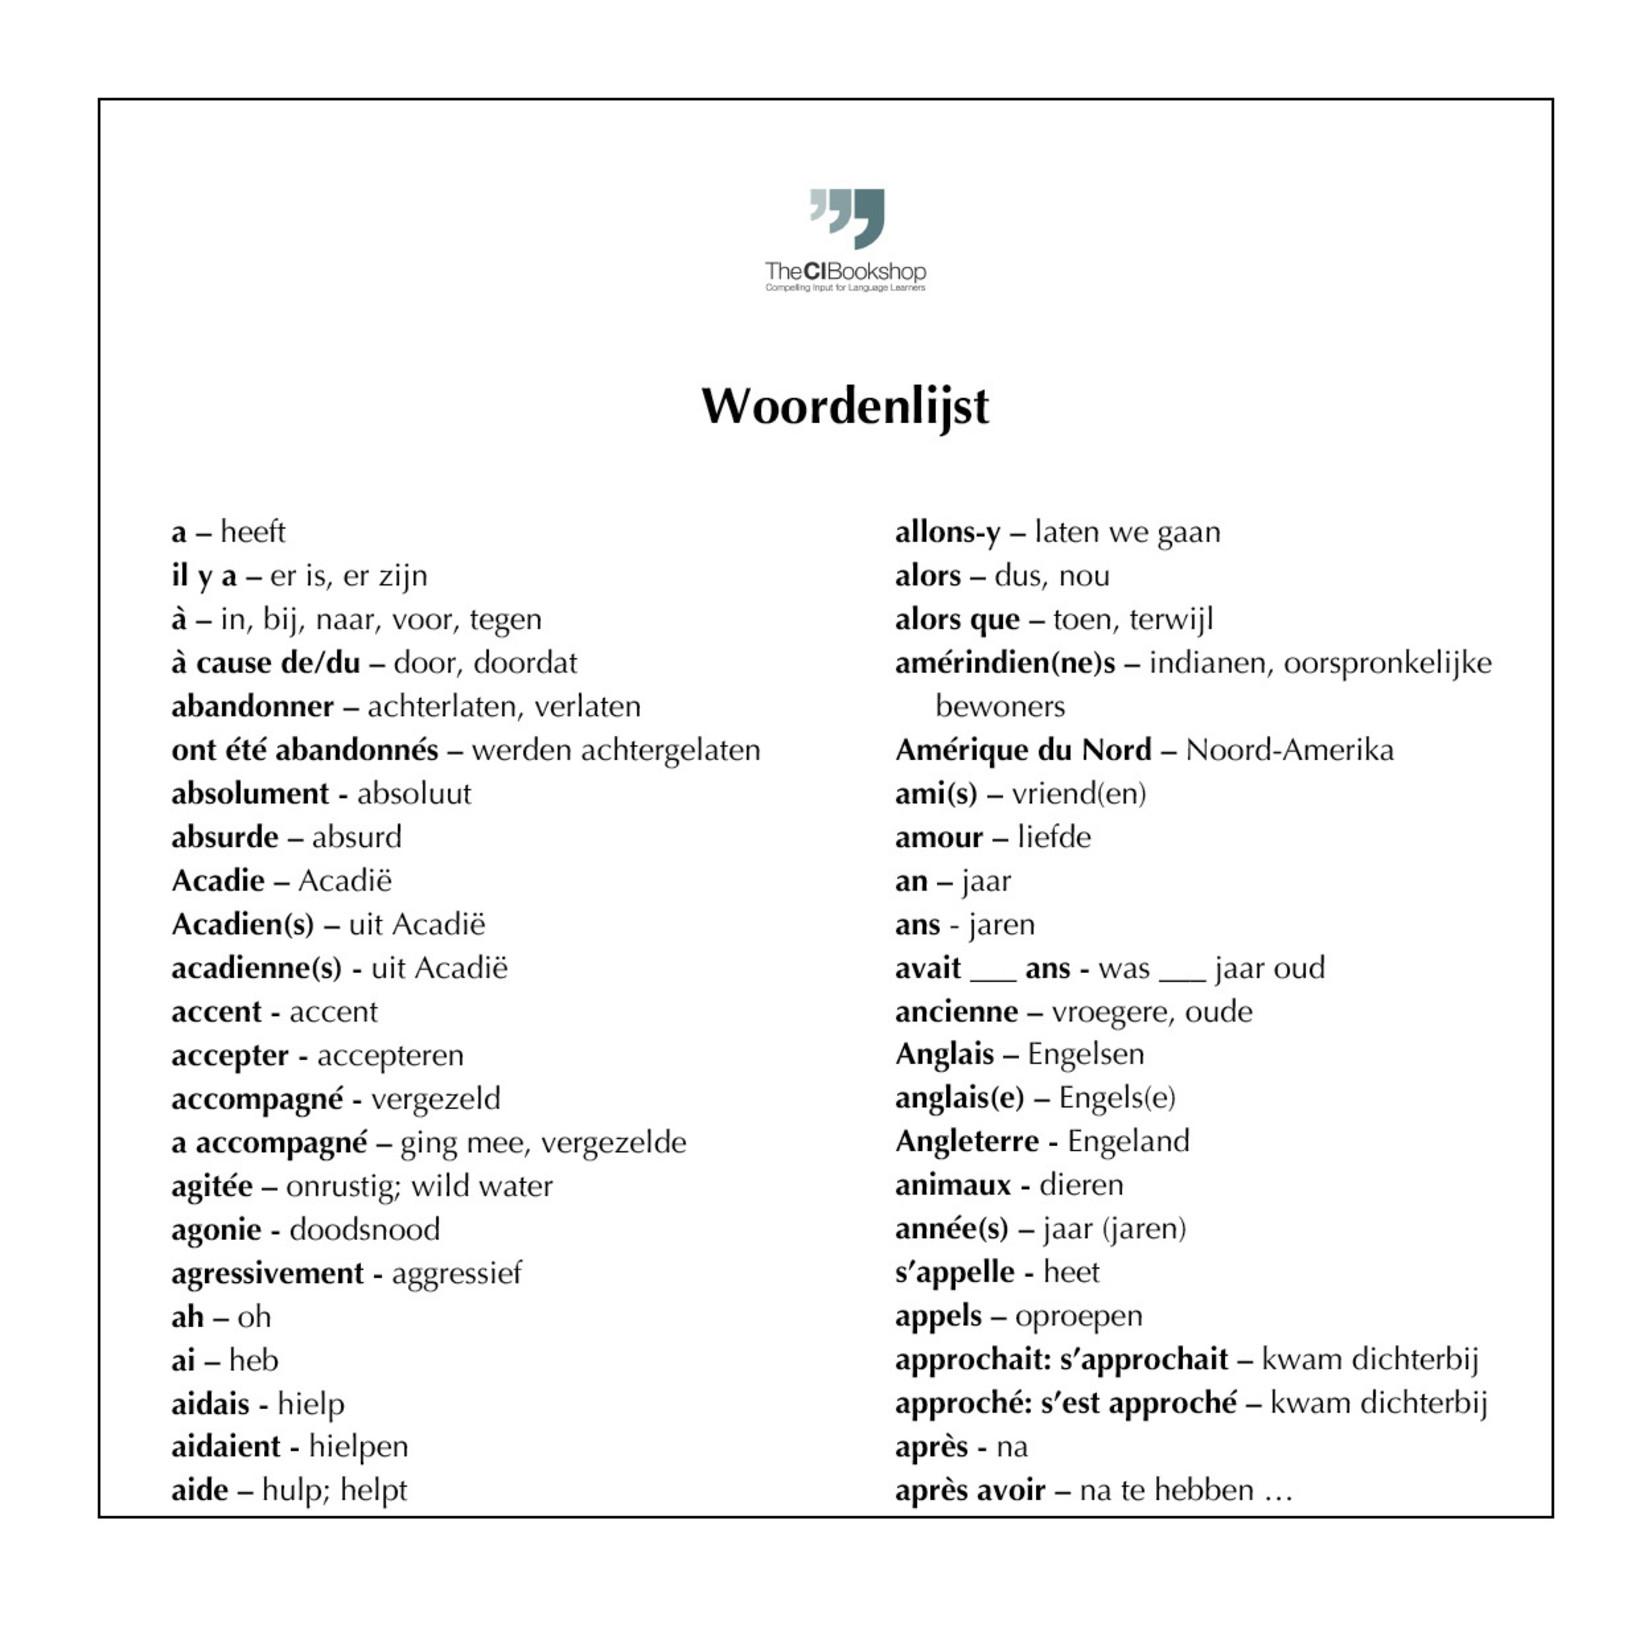 Dutch glossary for Le trésor